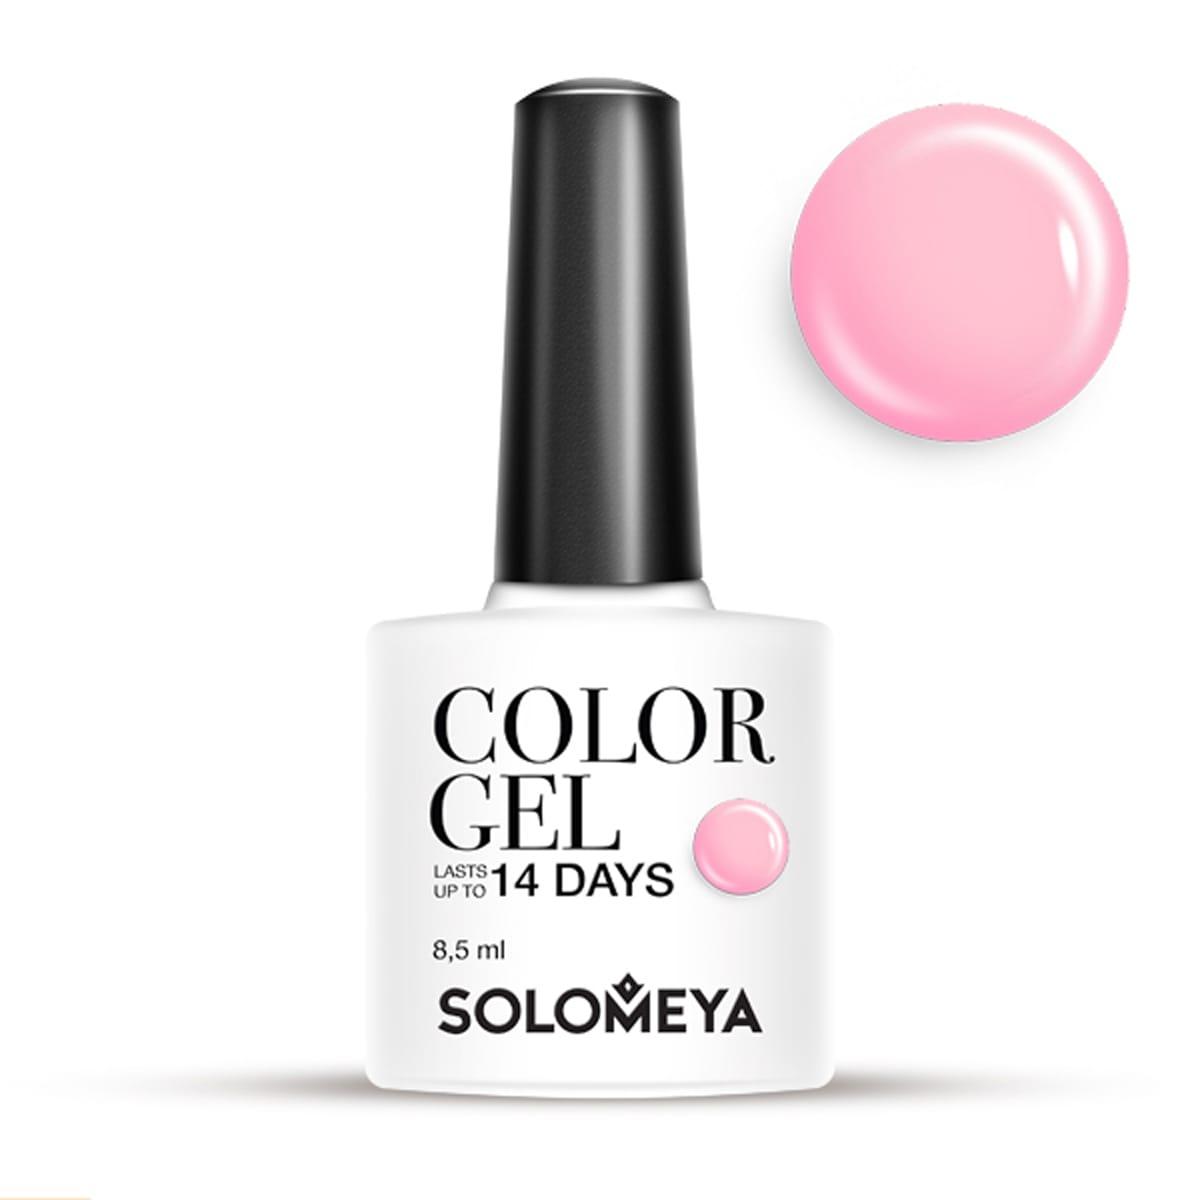 Solomeya гель-лак для ногтей scg057 малина / color